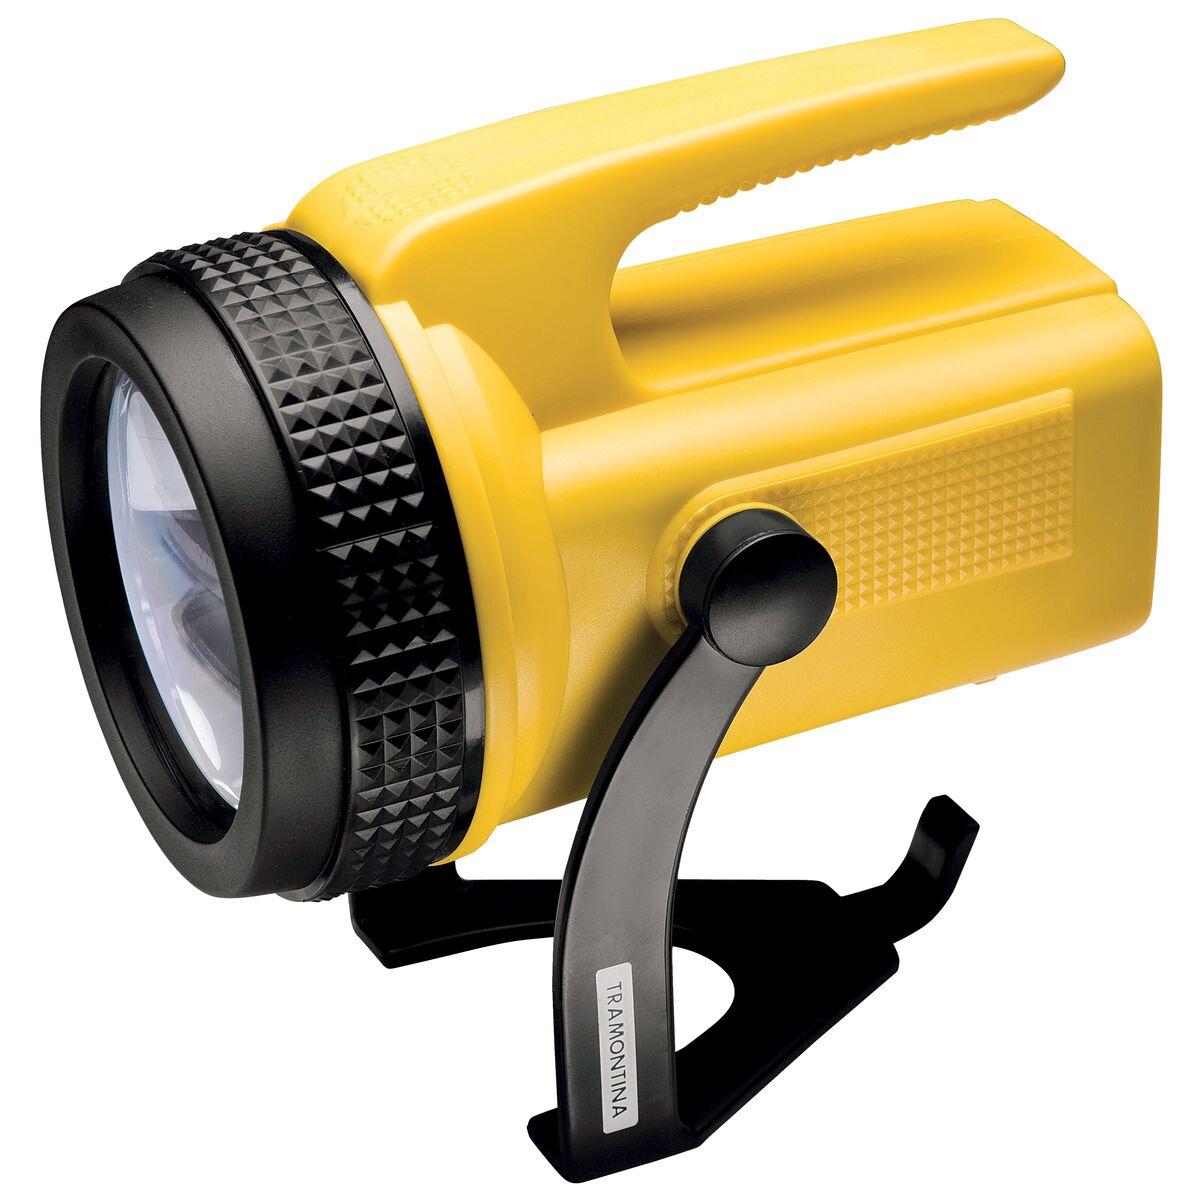 Linterna en ABS reforzado para uso interno y externo